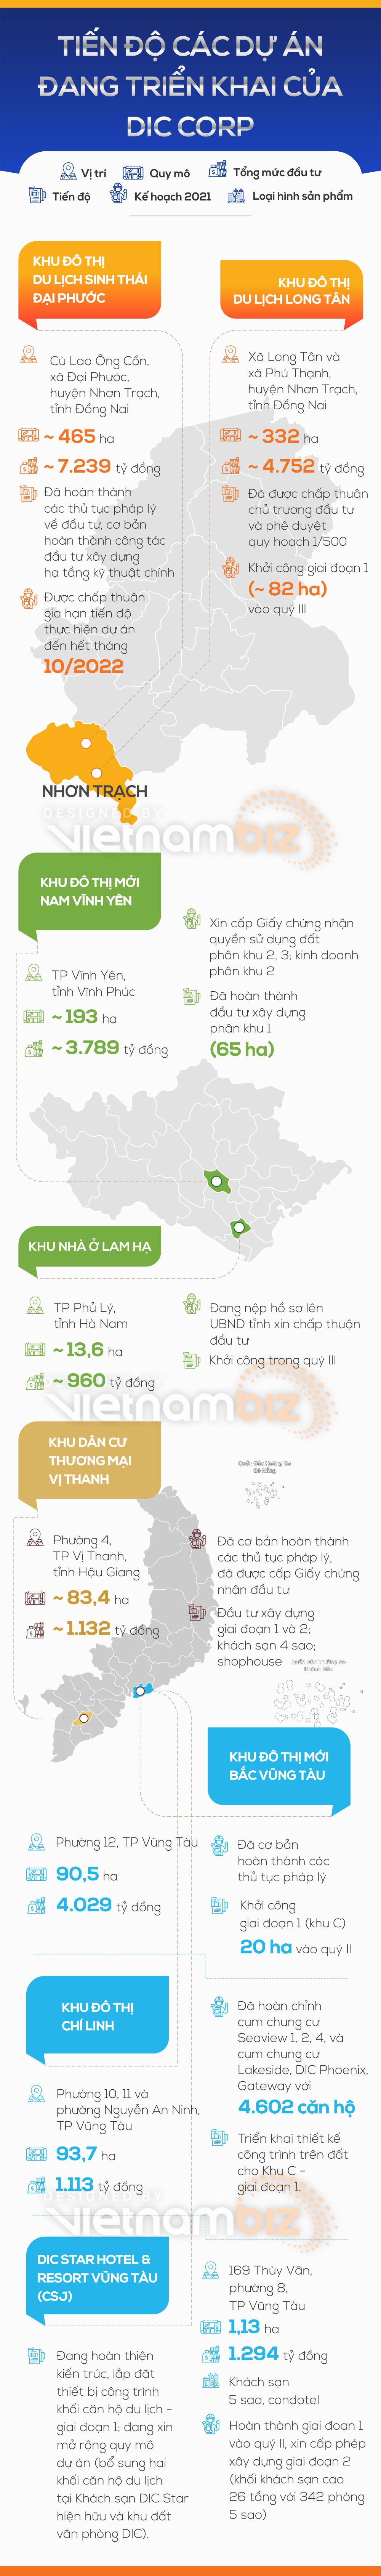 [Infographic] Tiến độ các dự án đang triển của DIC Corp - Ảnh 1.